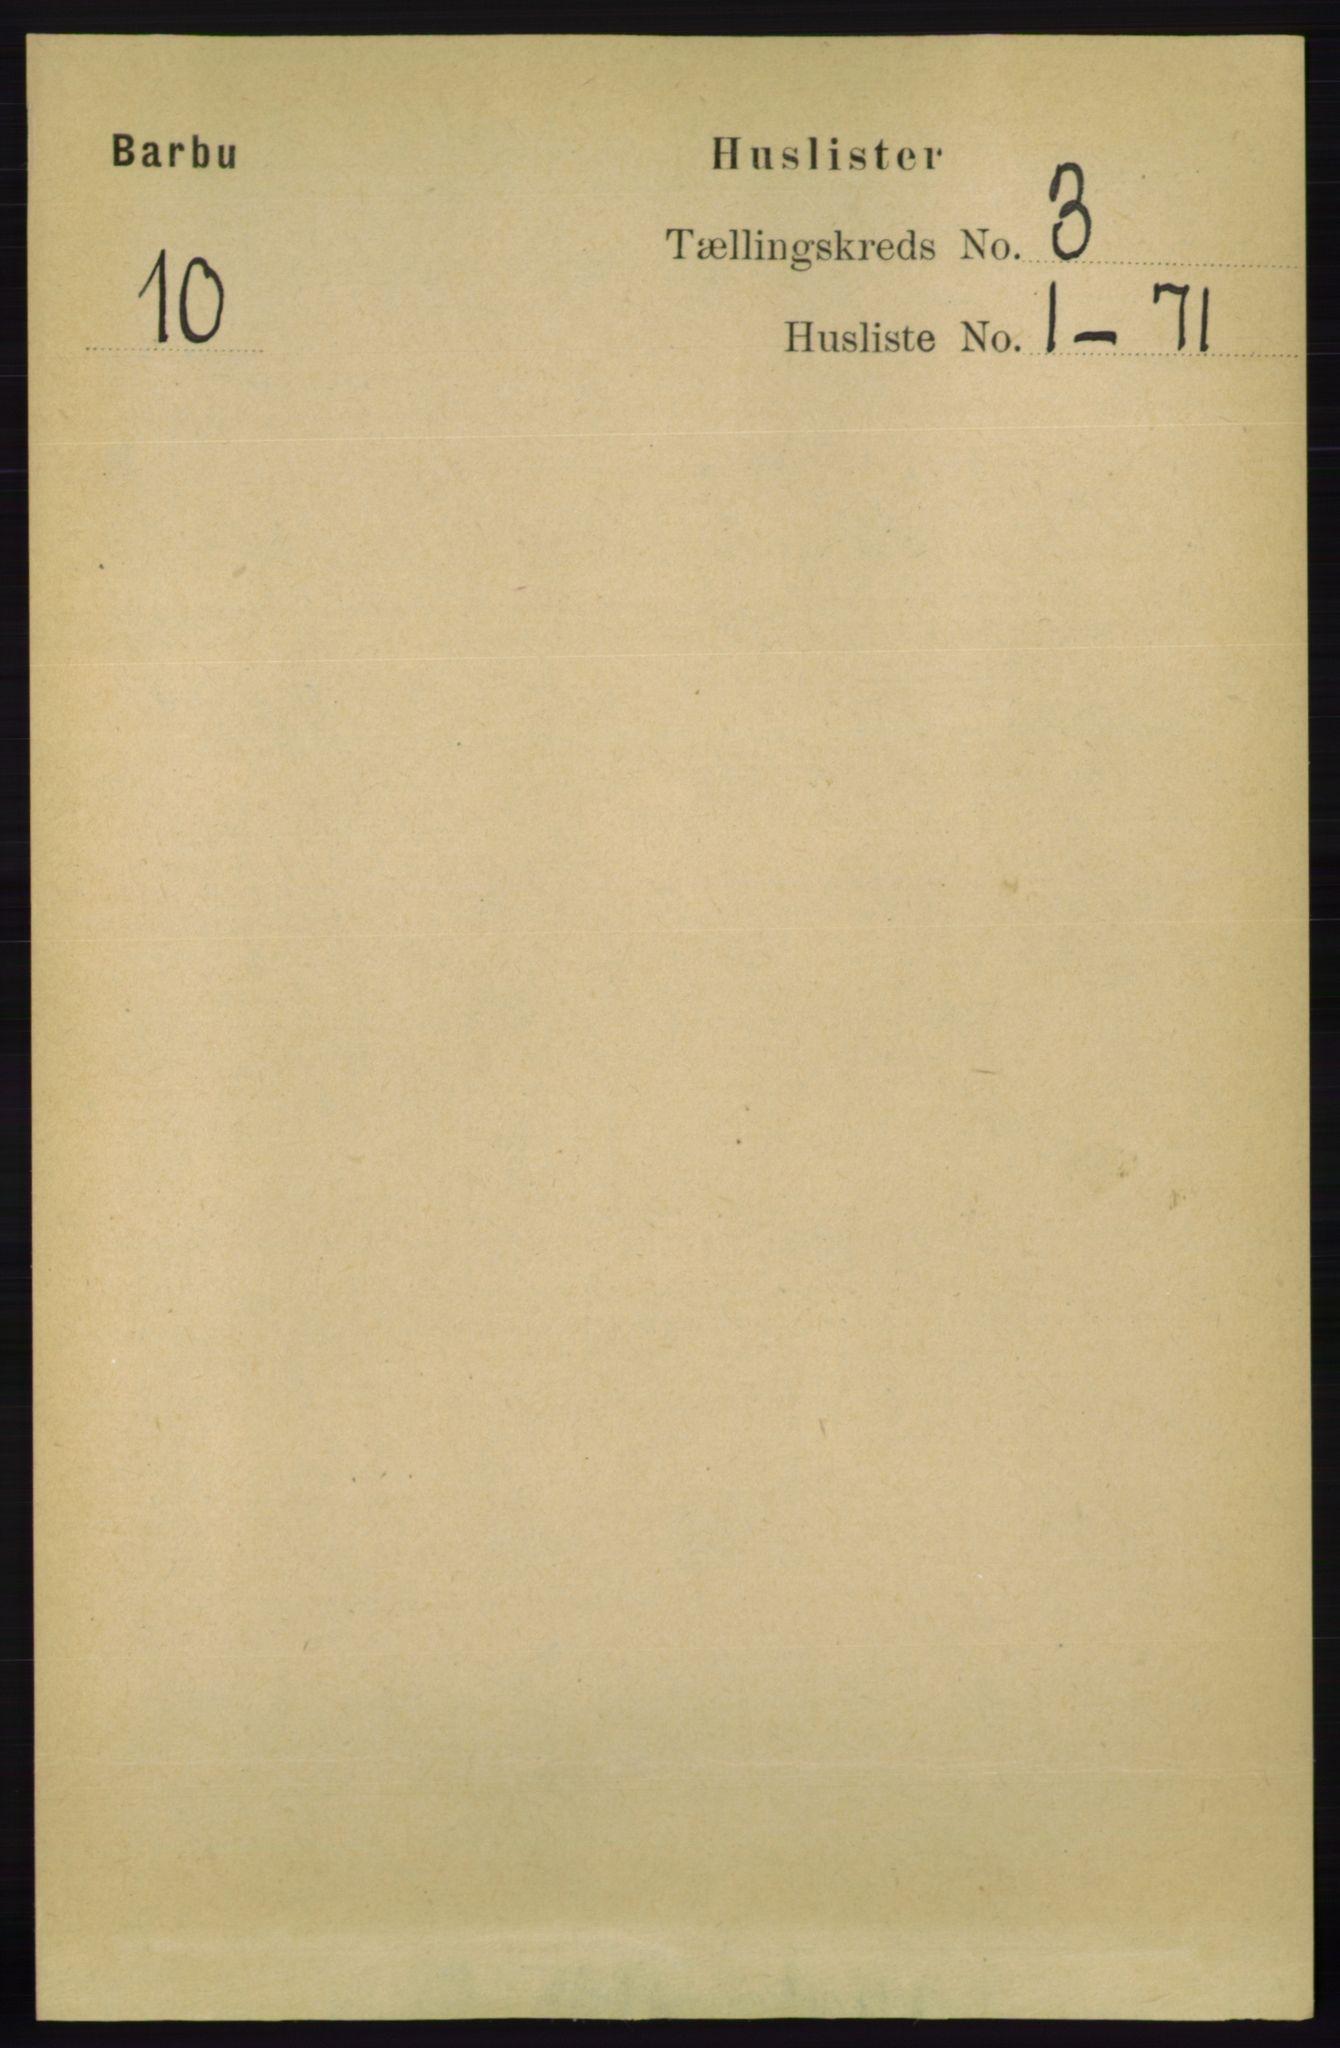 RA, Folketelling 1891 for 0990 Barbu herred, 1891, s. 1389